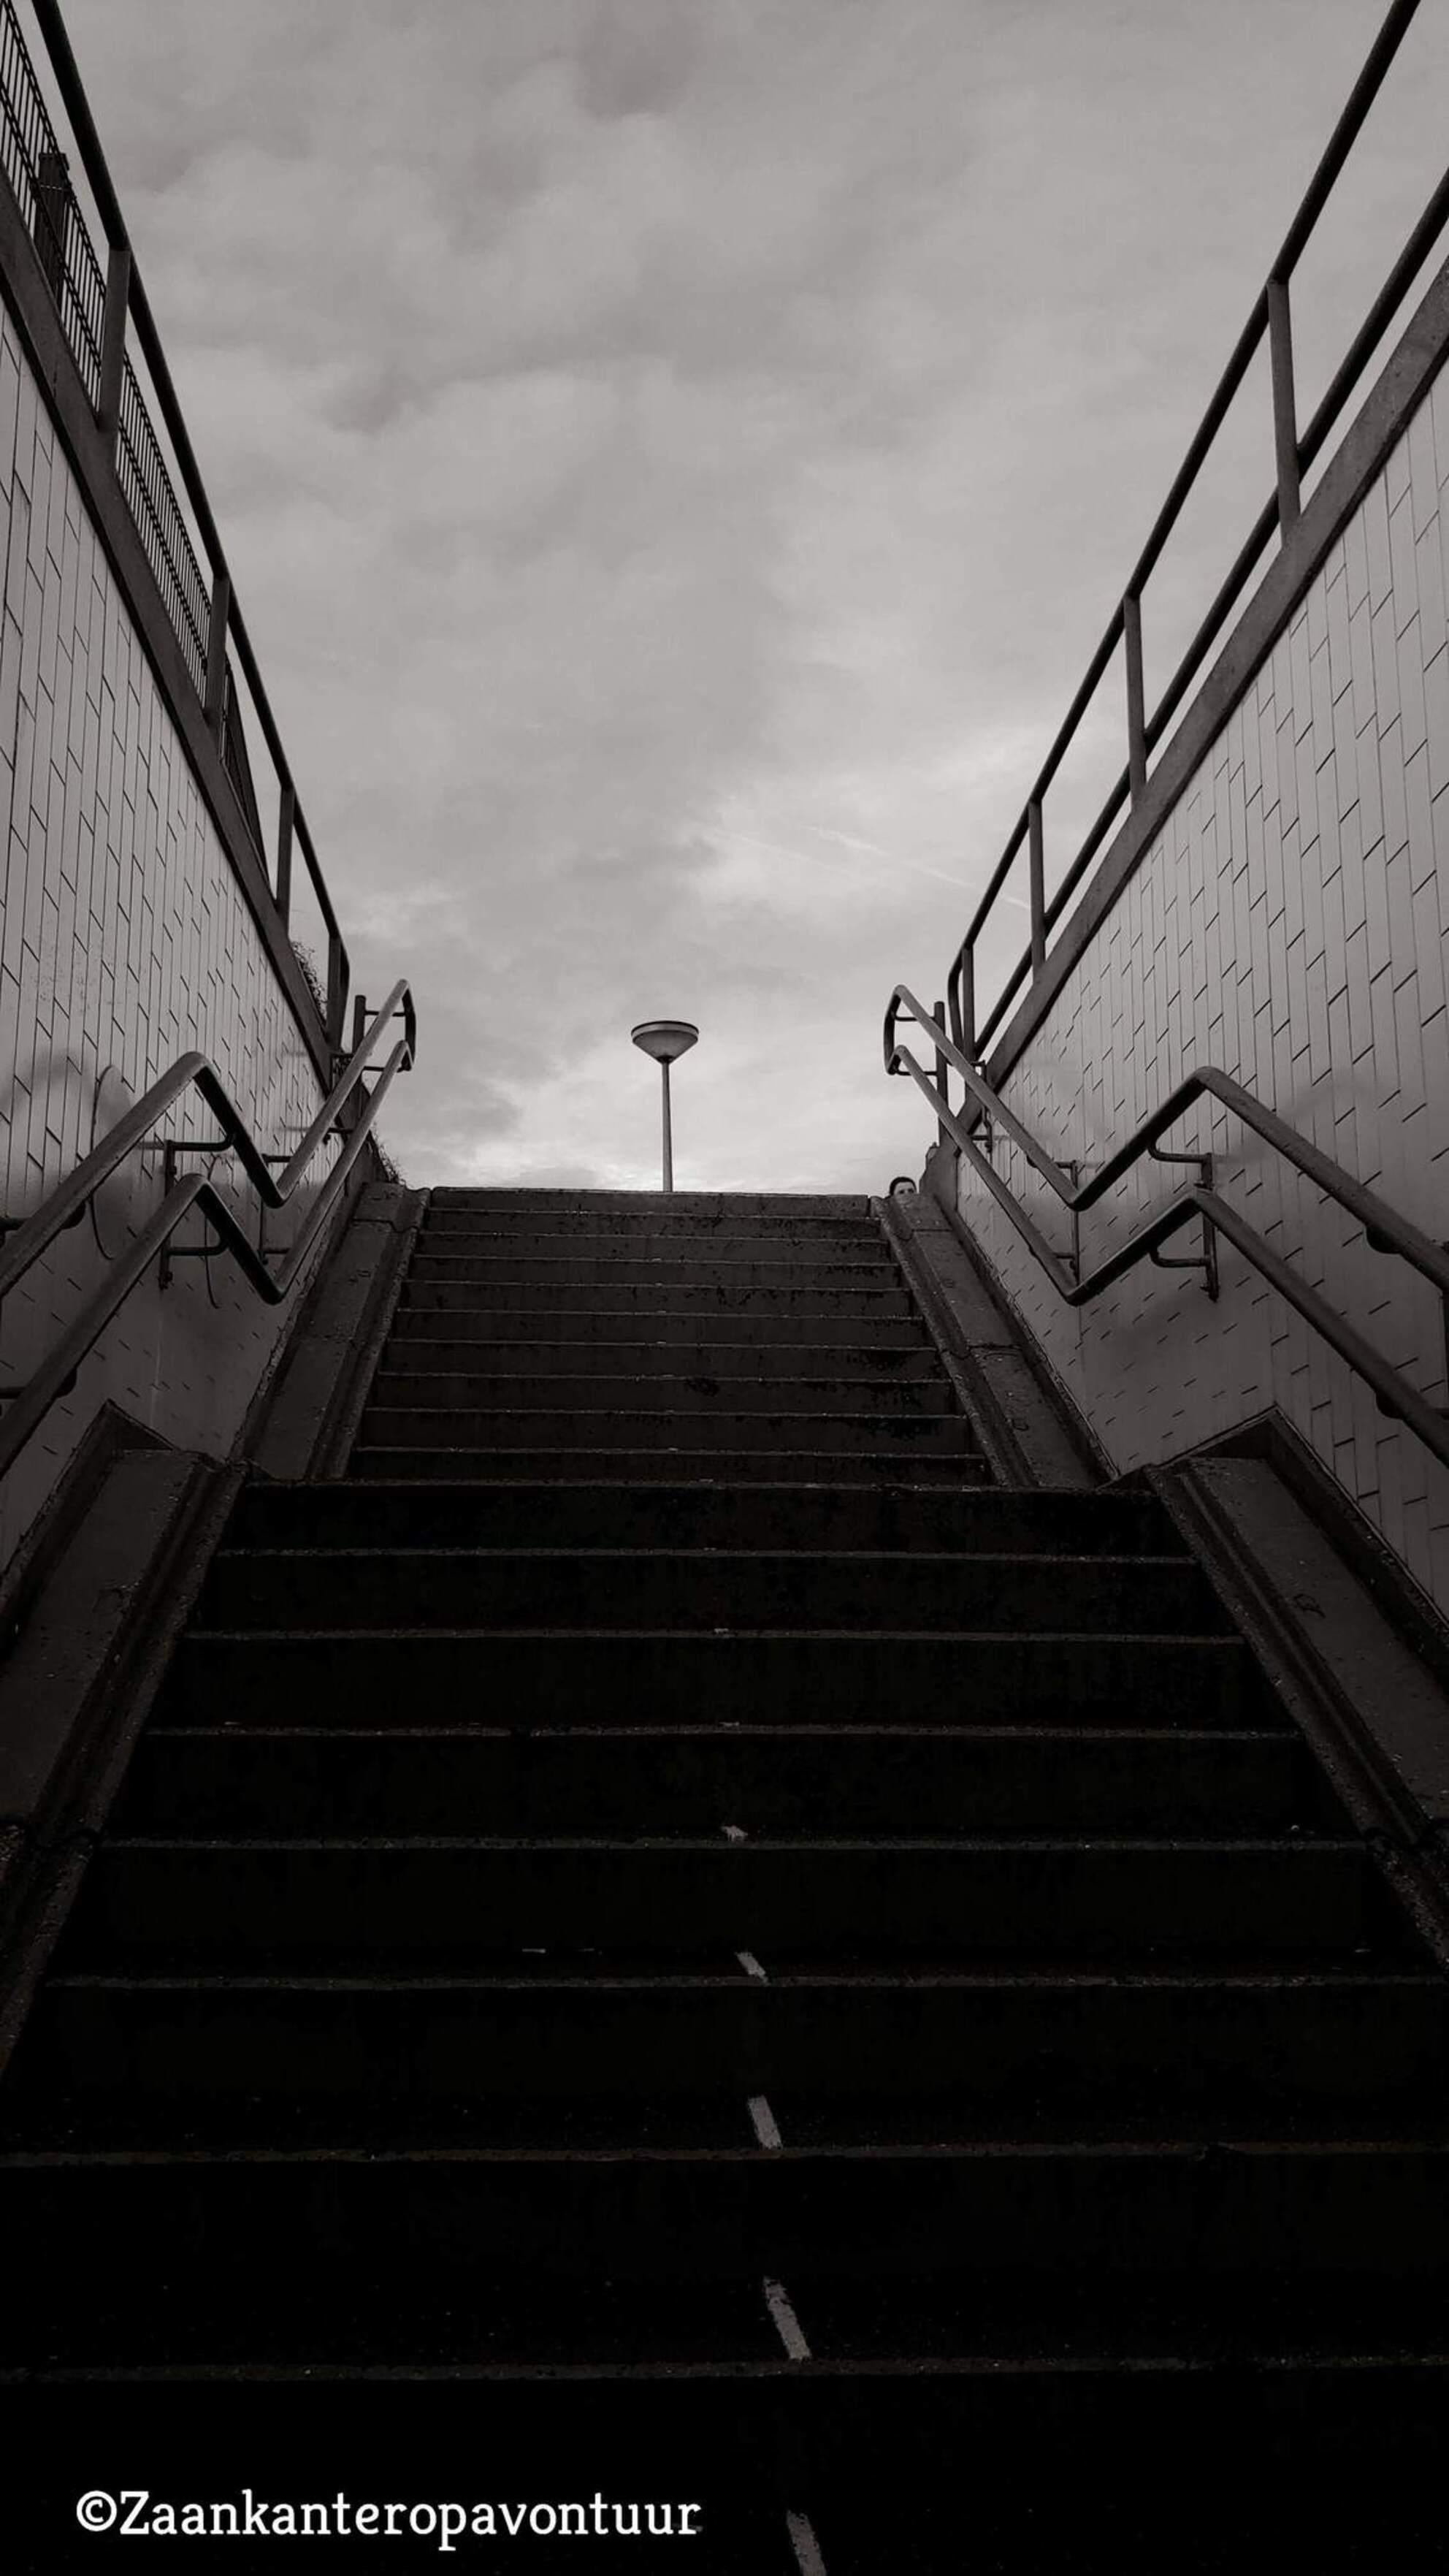 Zaankanteropavontuur - Lopend door een fietstunneltje zag ik dit stilleven. Natuurlijk staat deze lantaarn niet in het midden maar ik vond m zo wel mooi doorlopen met de st - foto door Zaankanteropavontuur op 11-12-2018 - deze foto bevat: wolken, straat, trap, spiegeling, urban, zwartwit, lantaarnpaal, fietstunnel